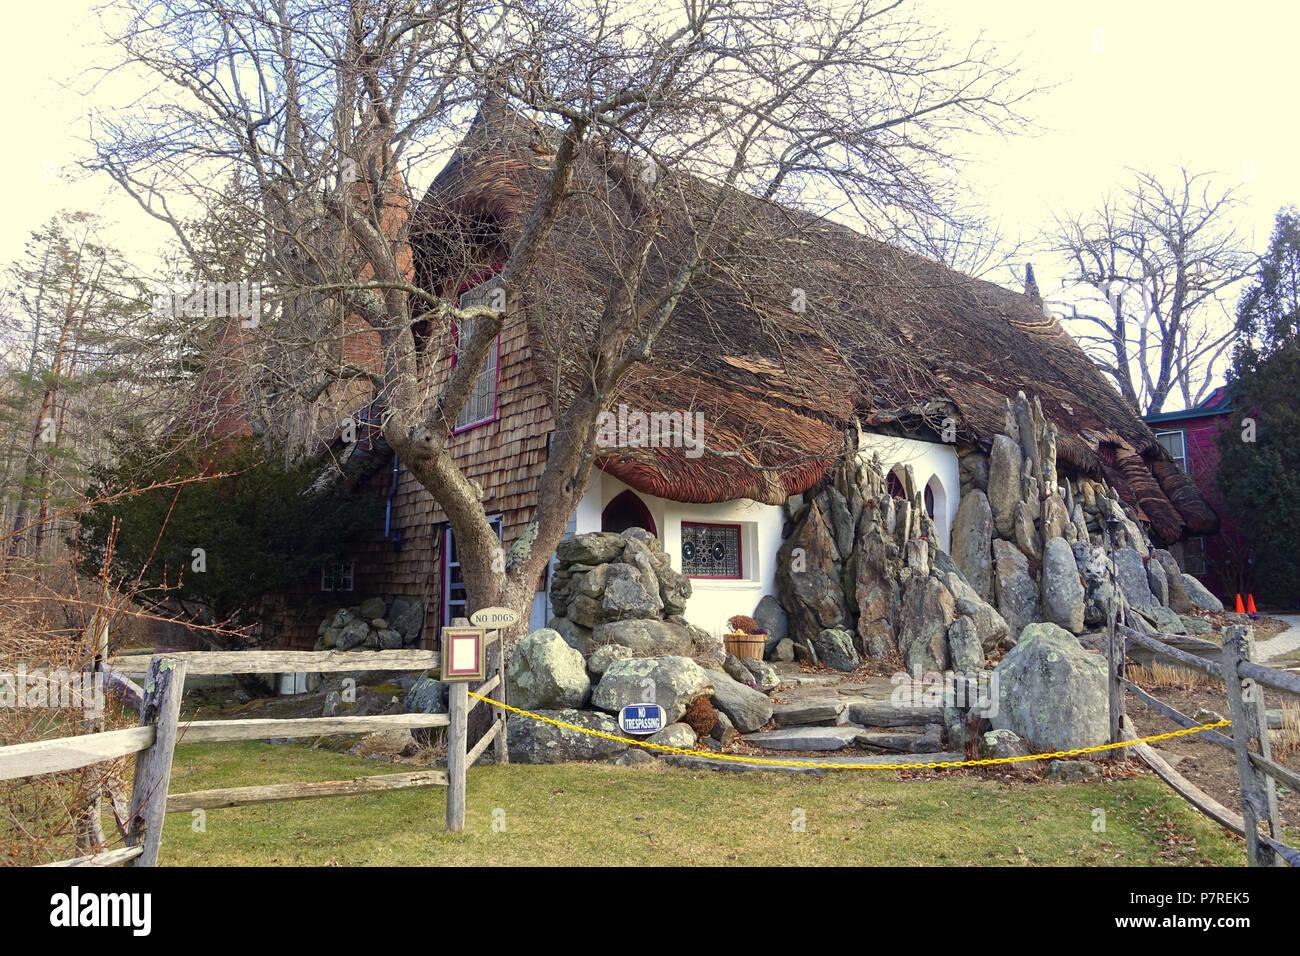 Inglés: - Tyringham Santarella, Massachusetts. Creado por el escultor Henry Hudson Kitson (1863-1947) como su hogar y estudio. El 15 de enero de 2017, 12:00:28 340 - Tyringham Santarella, MA - DSC07317 Foto de stock